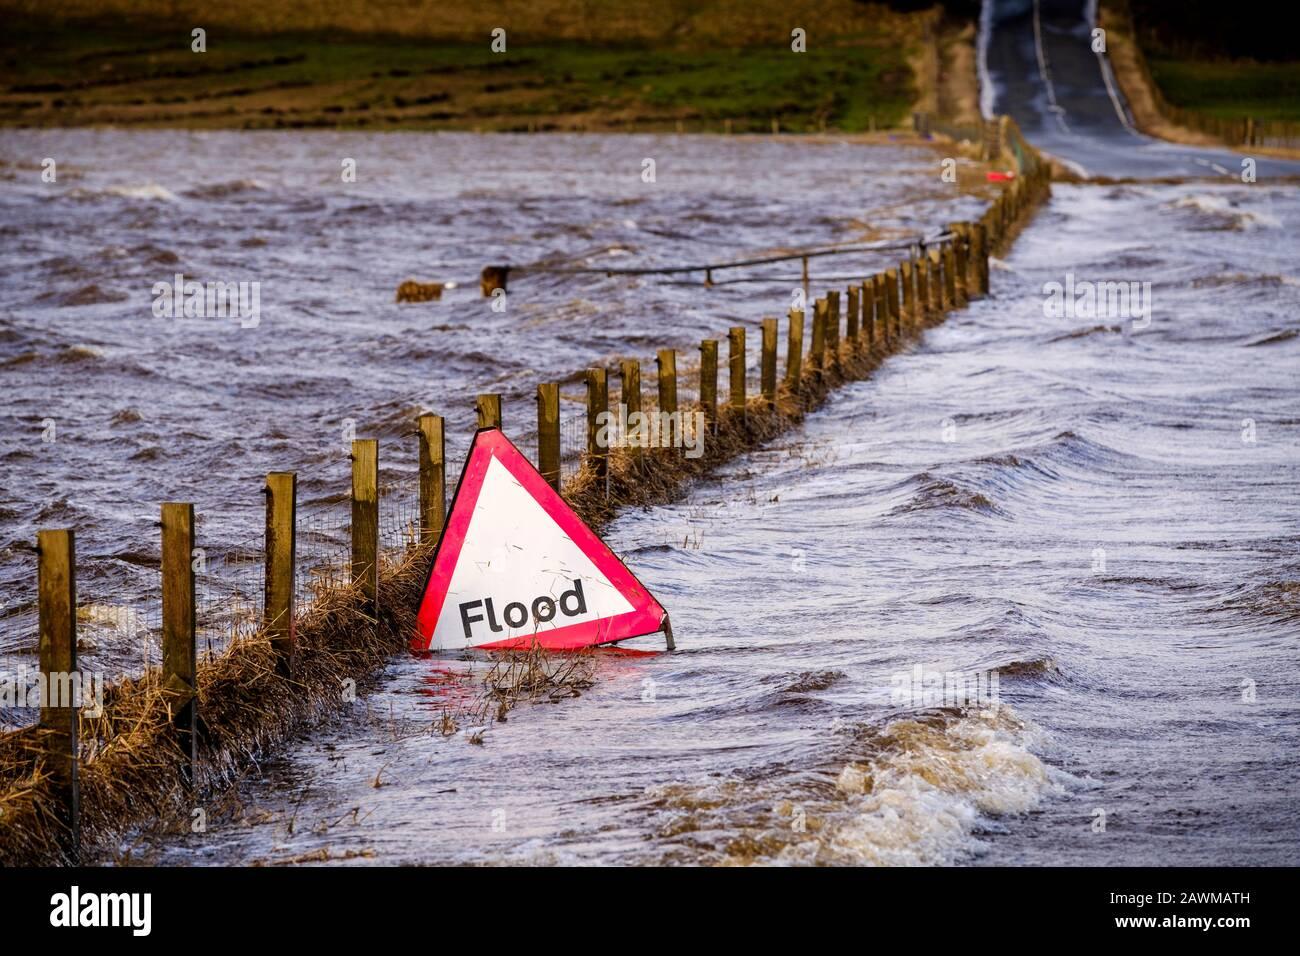 Tempesta Ciara fa sì che il fiume Medwin (un affluente del fiume Clyde) scoppiasse le sue banche nel Lanarkshire del sud, Scozia causando un'inondazione diffusa. Foto Stock